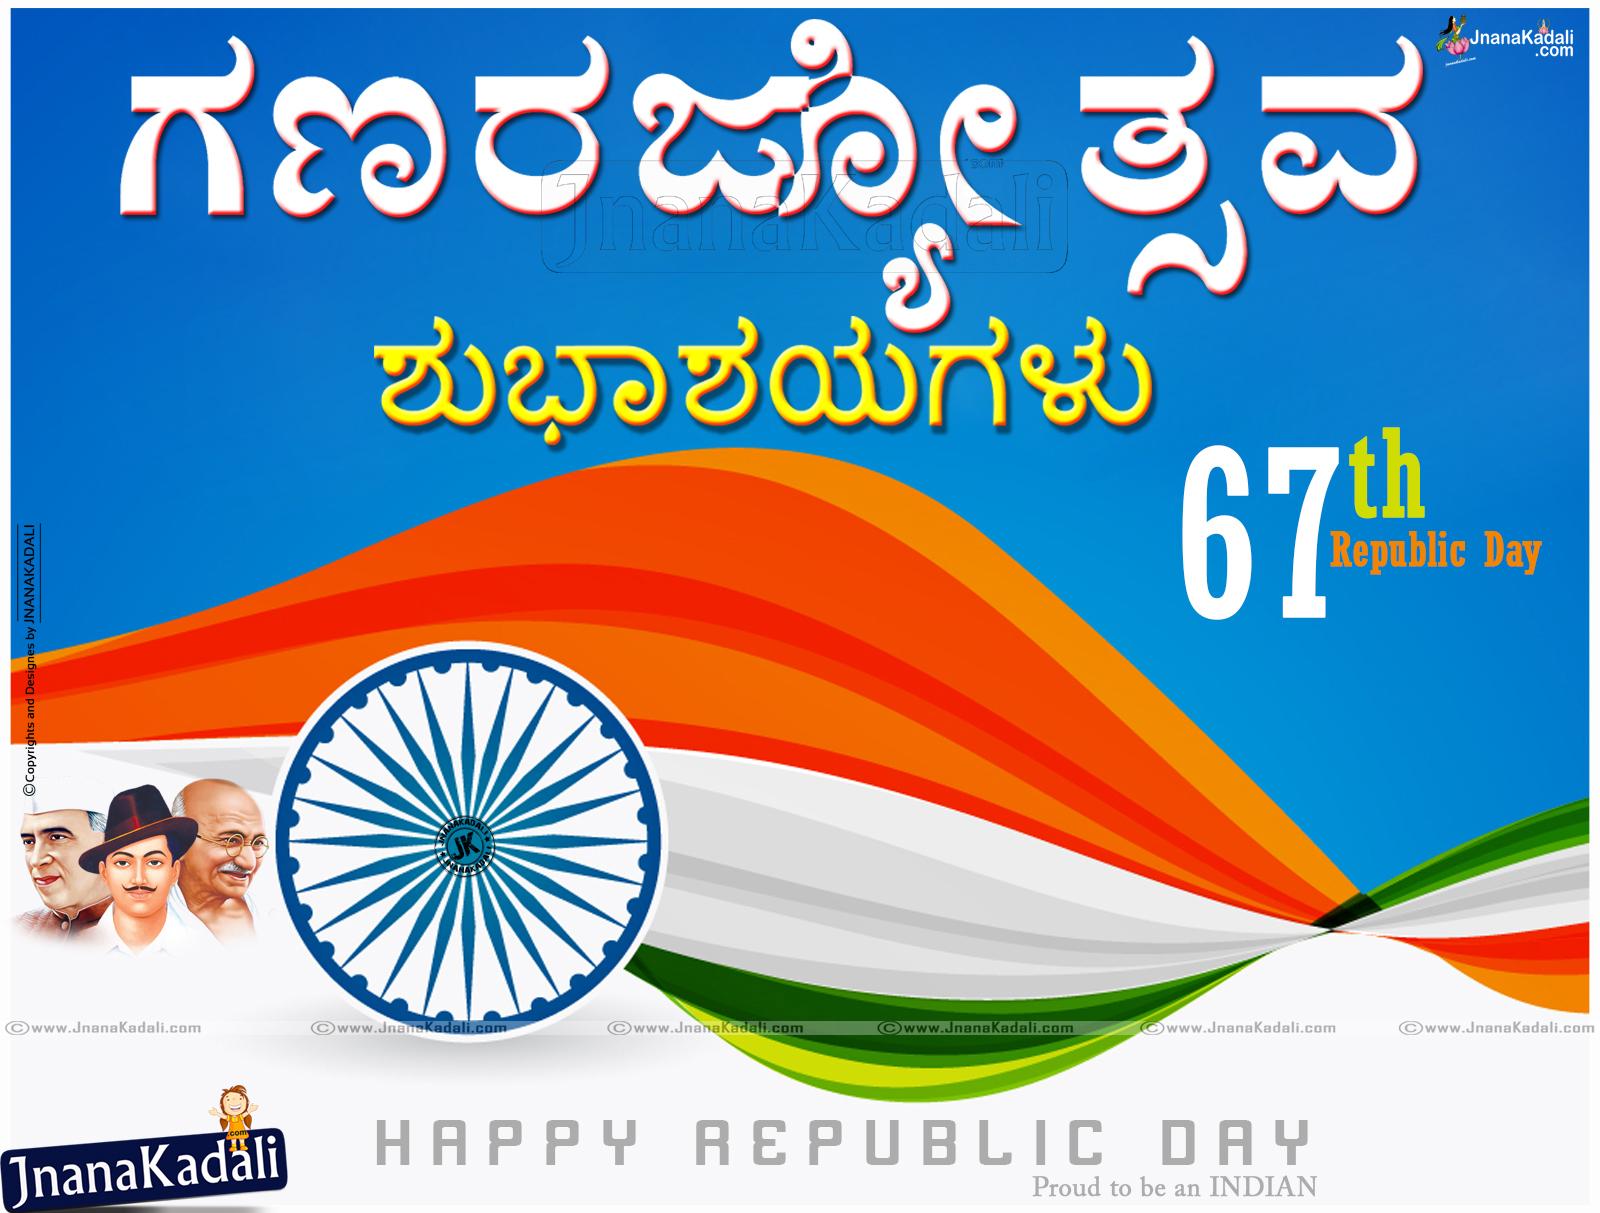 Gana Rajyotsava Kannada Republic Day Quotations Jnana Kadalicom